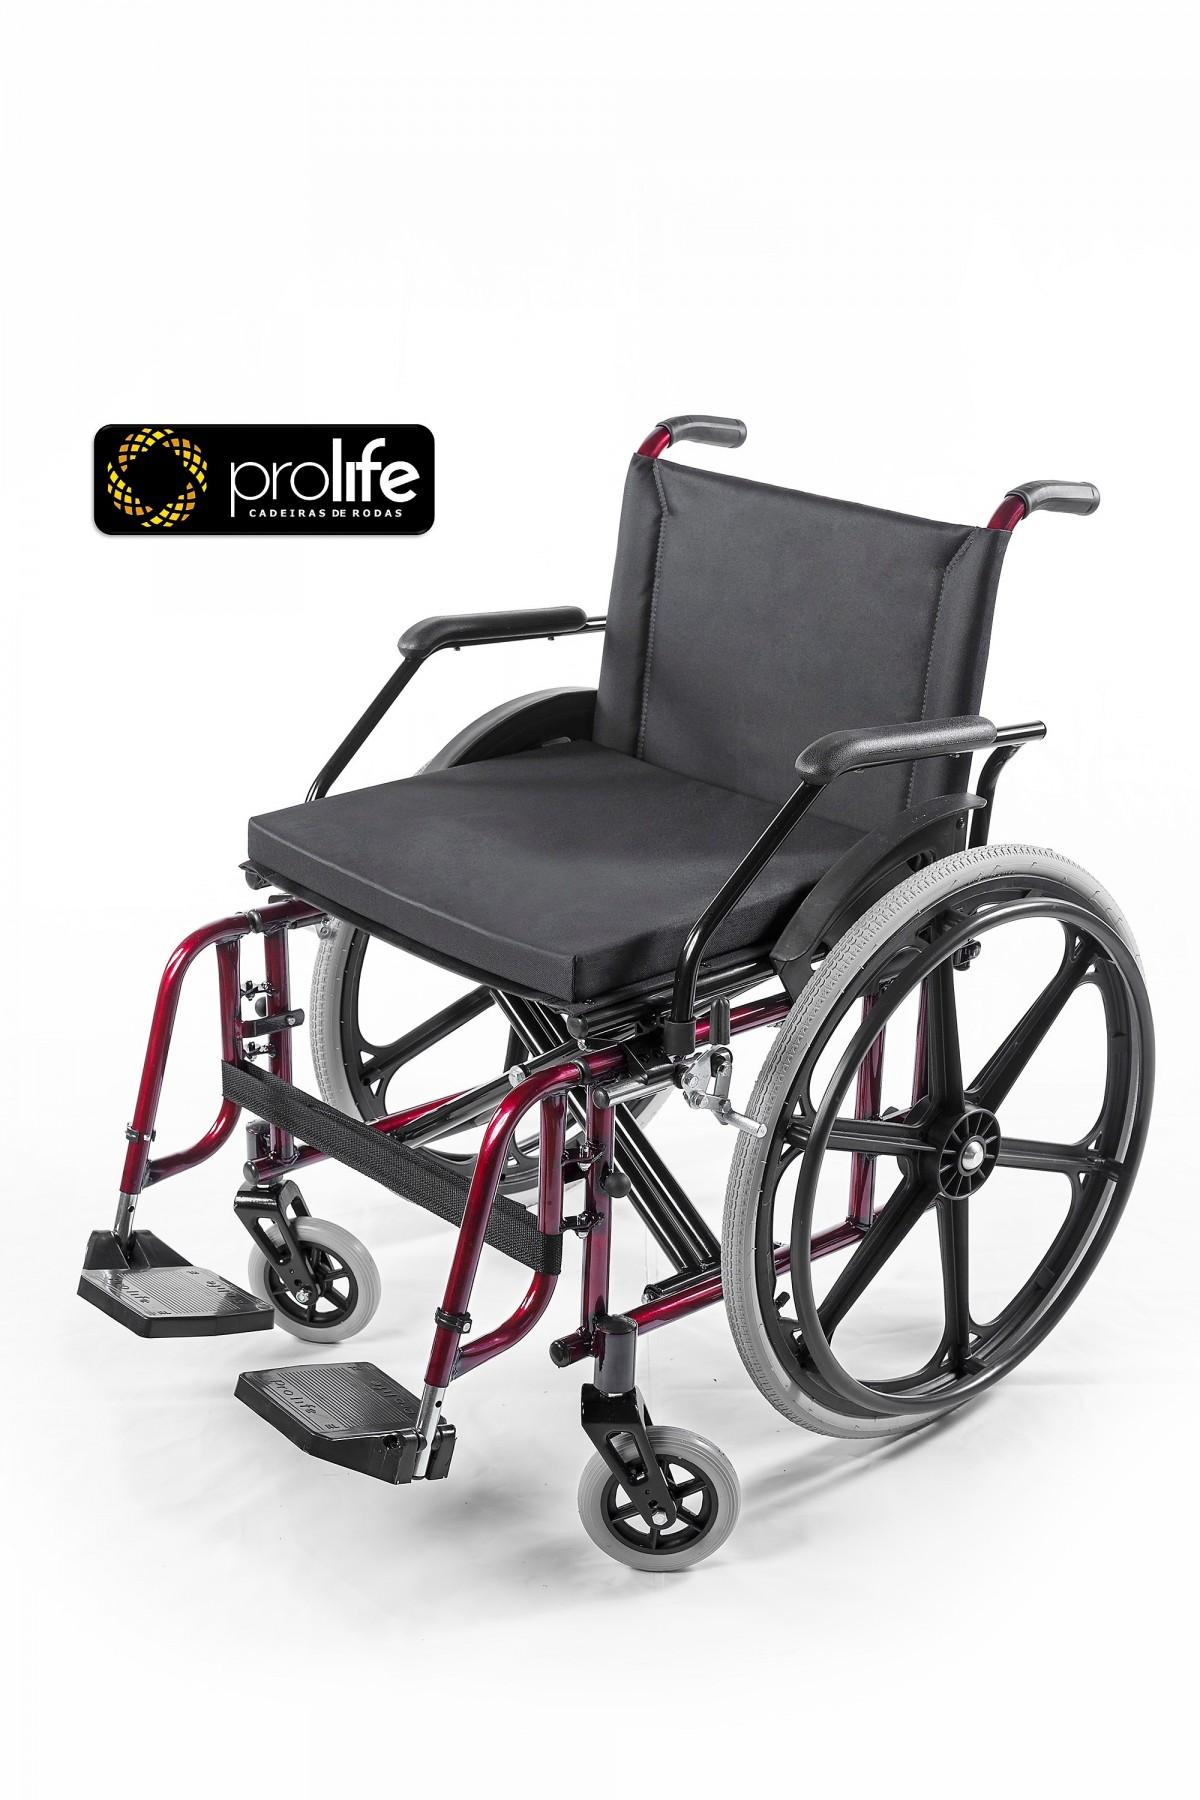 Imagem do produto Cadeira de Rodas Obeso